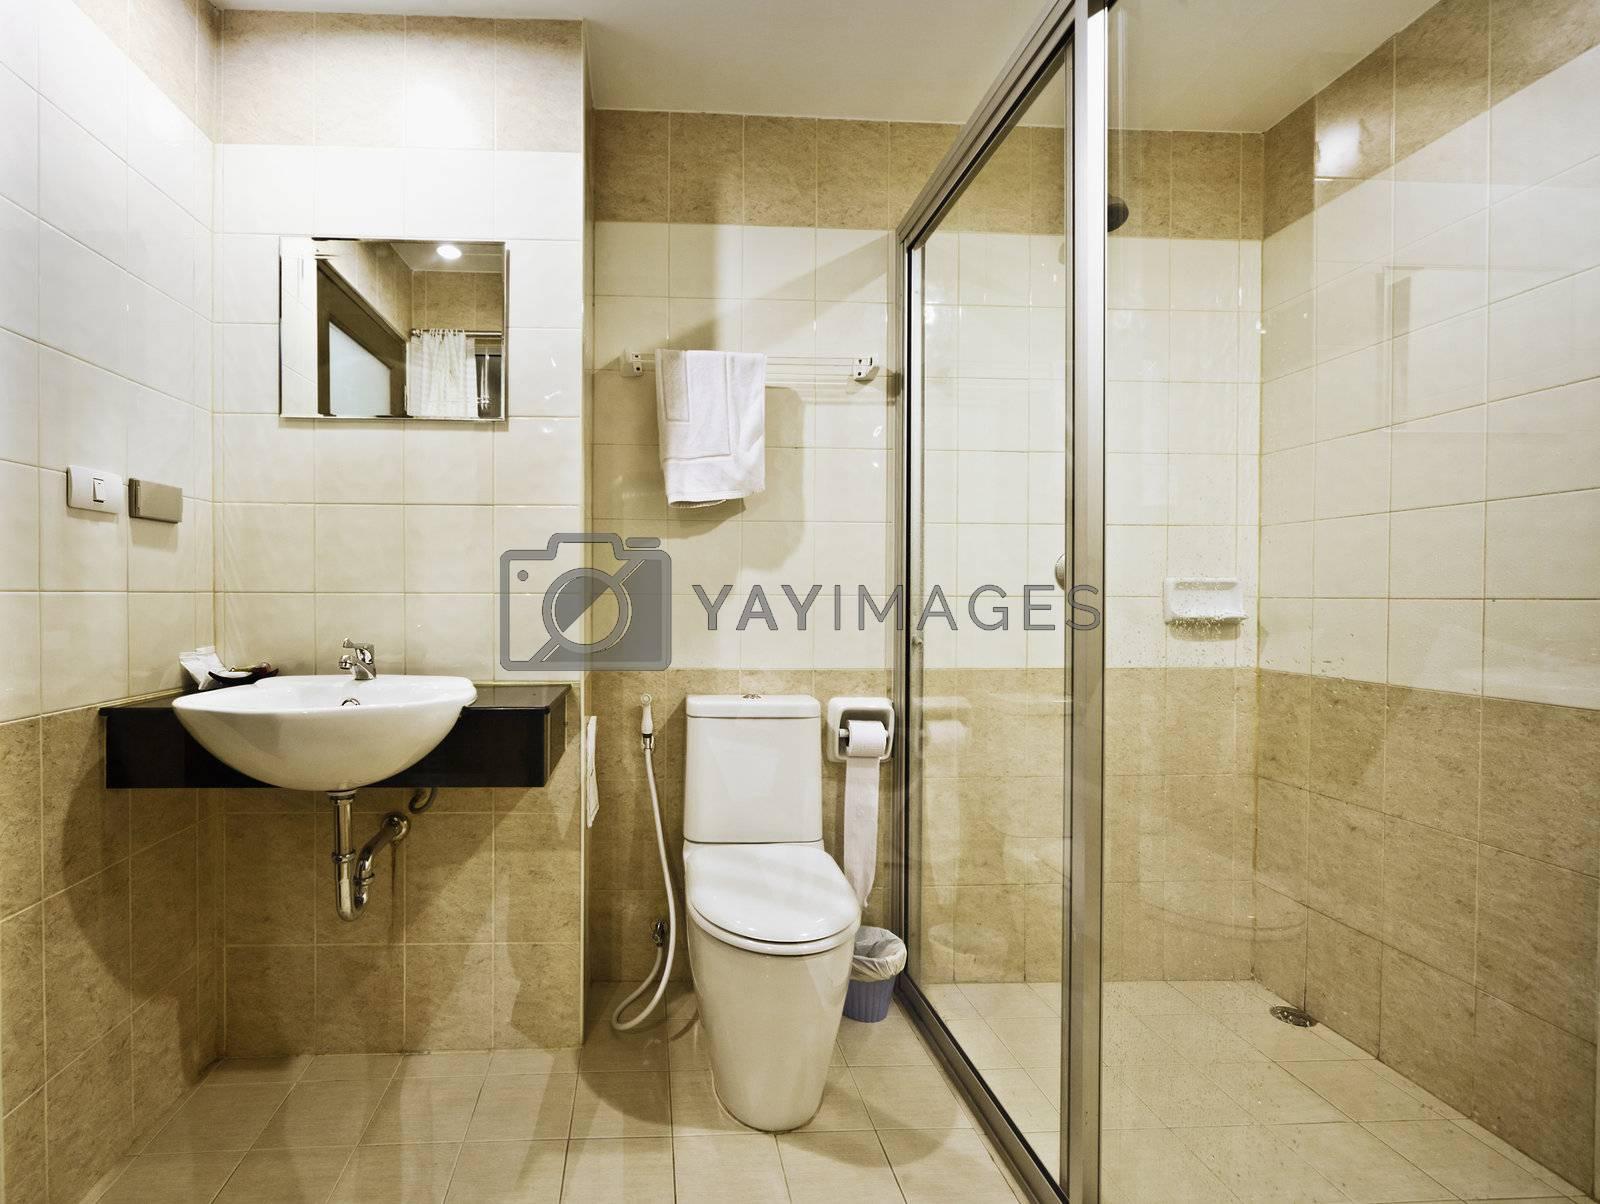 The bathroom in a modern budget hotel